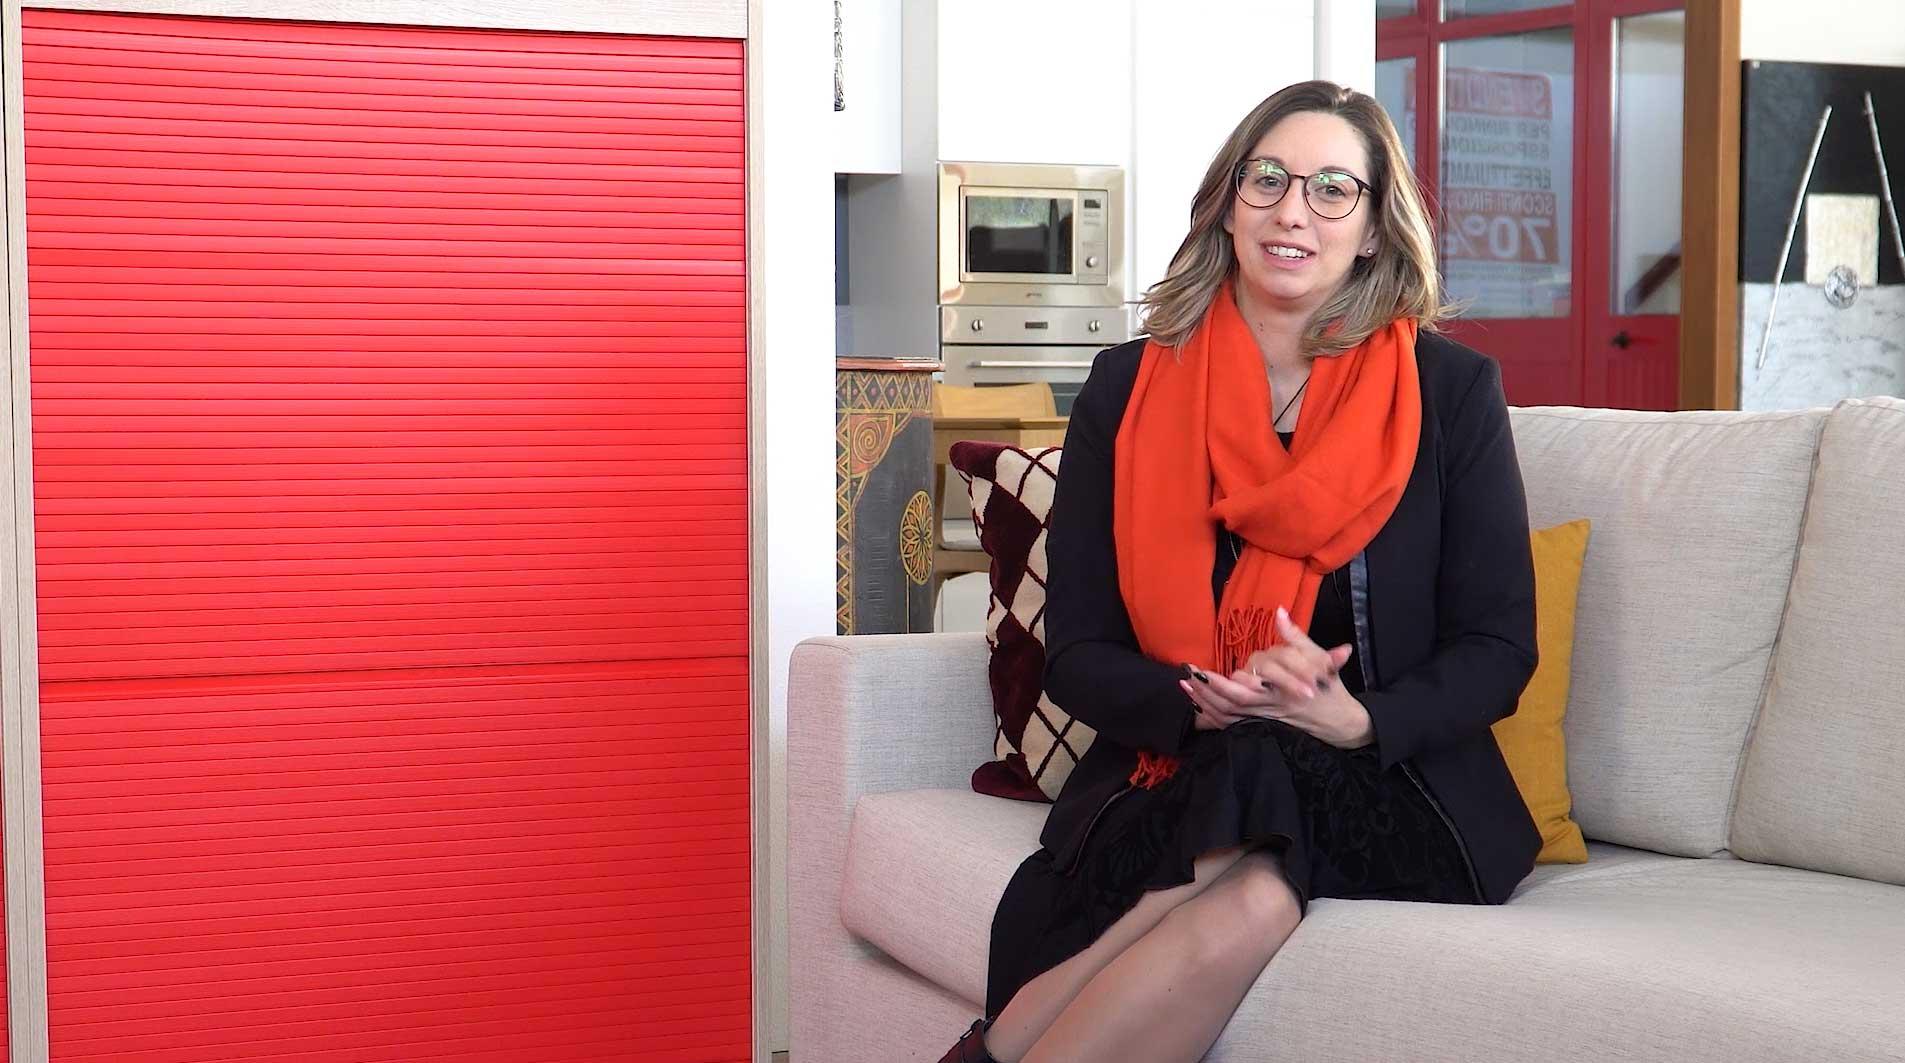 Alice - fondatrice e responsabile produzione Nuova Idea Design